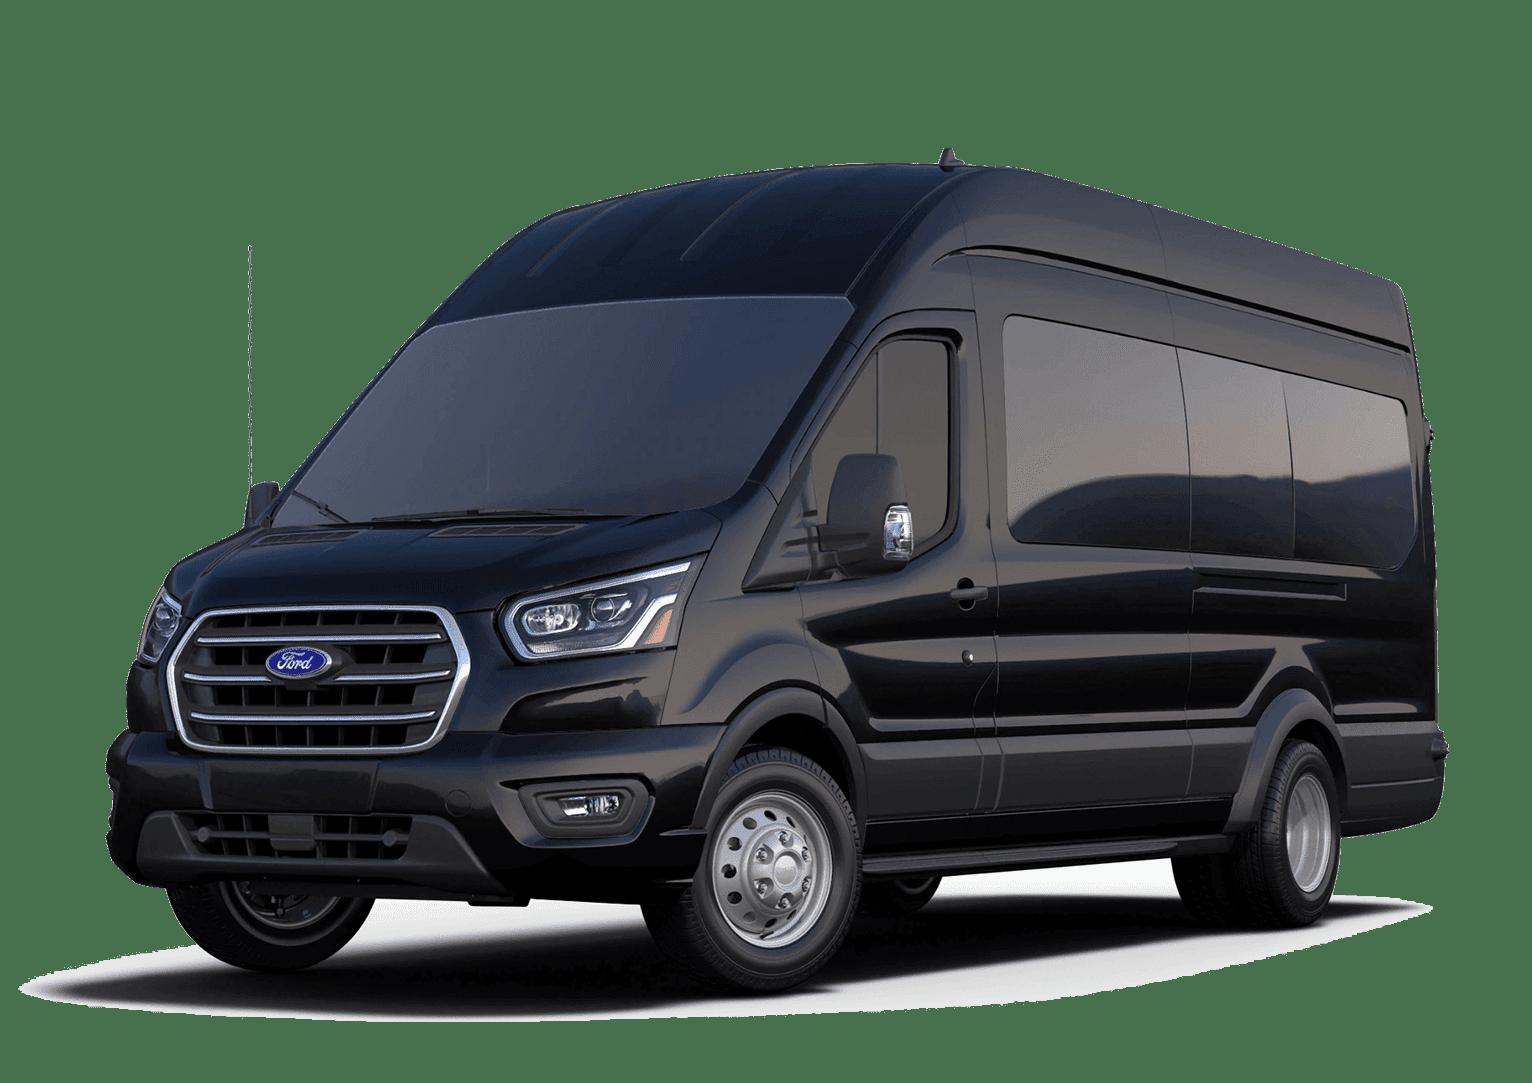 Black Ford Passenger Van